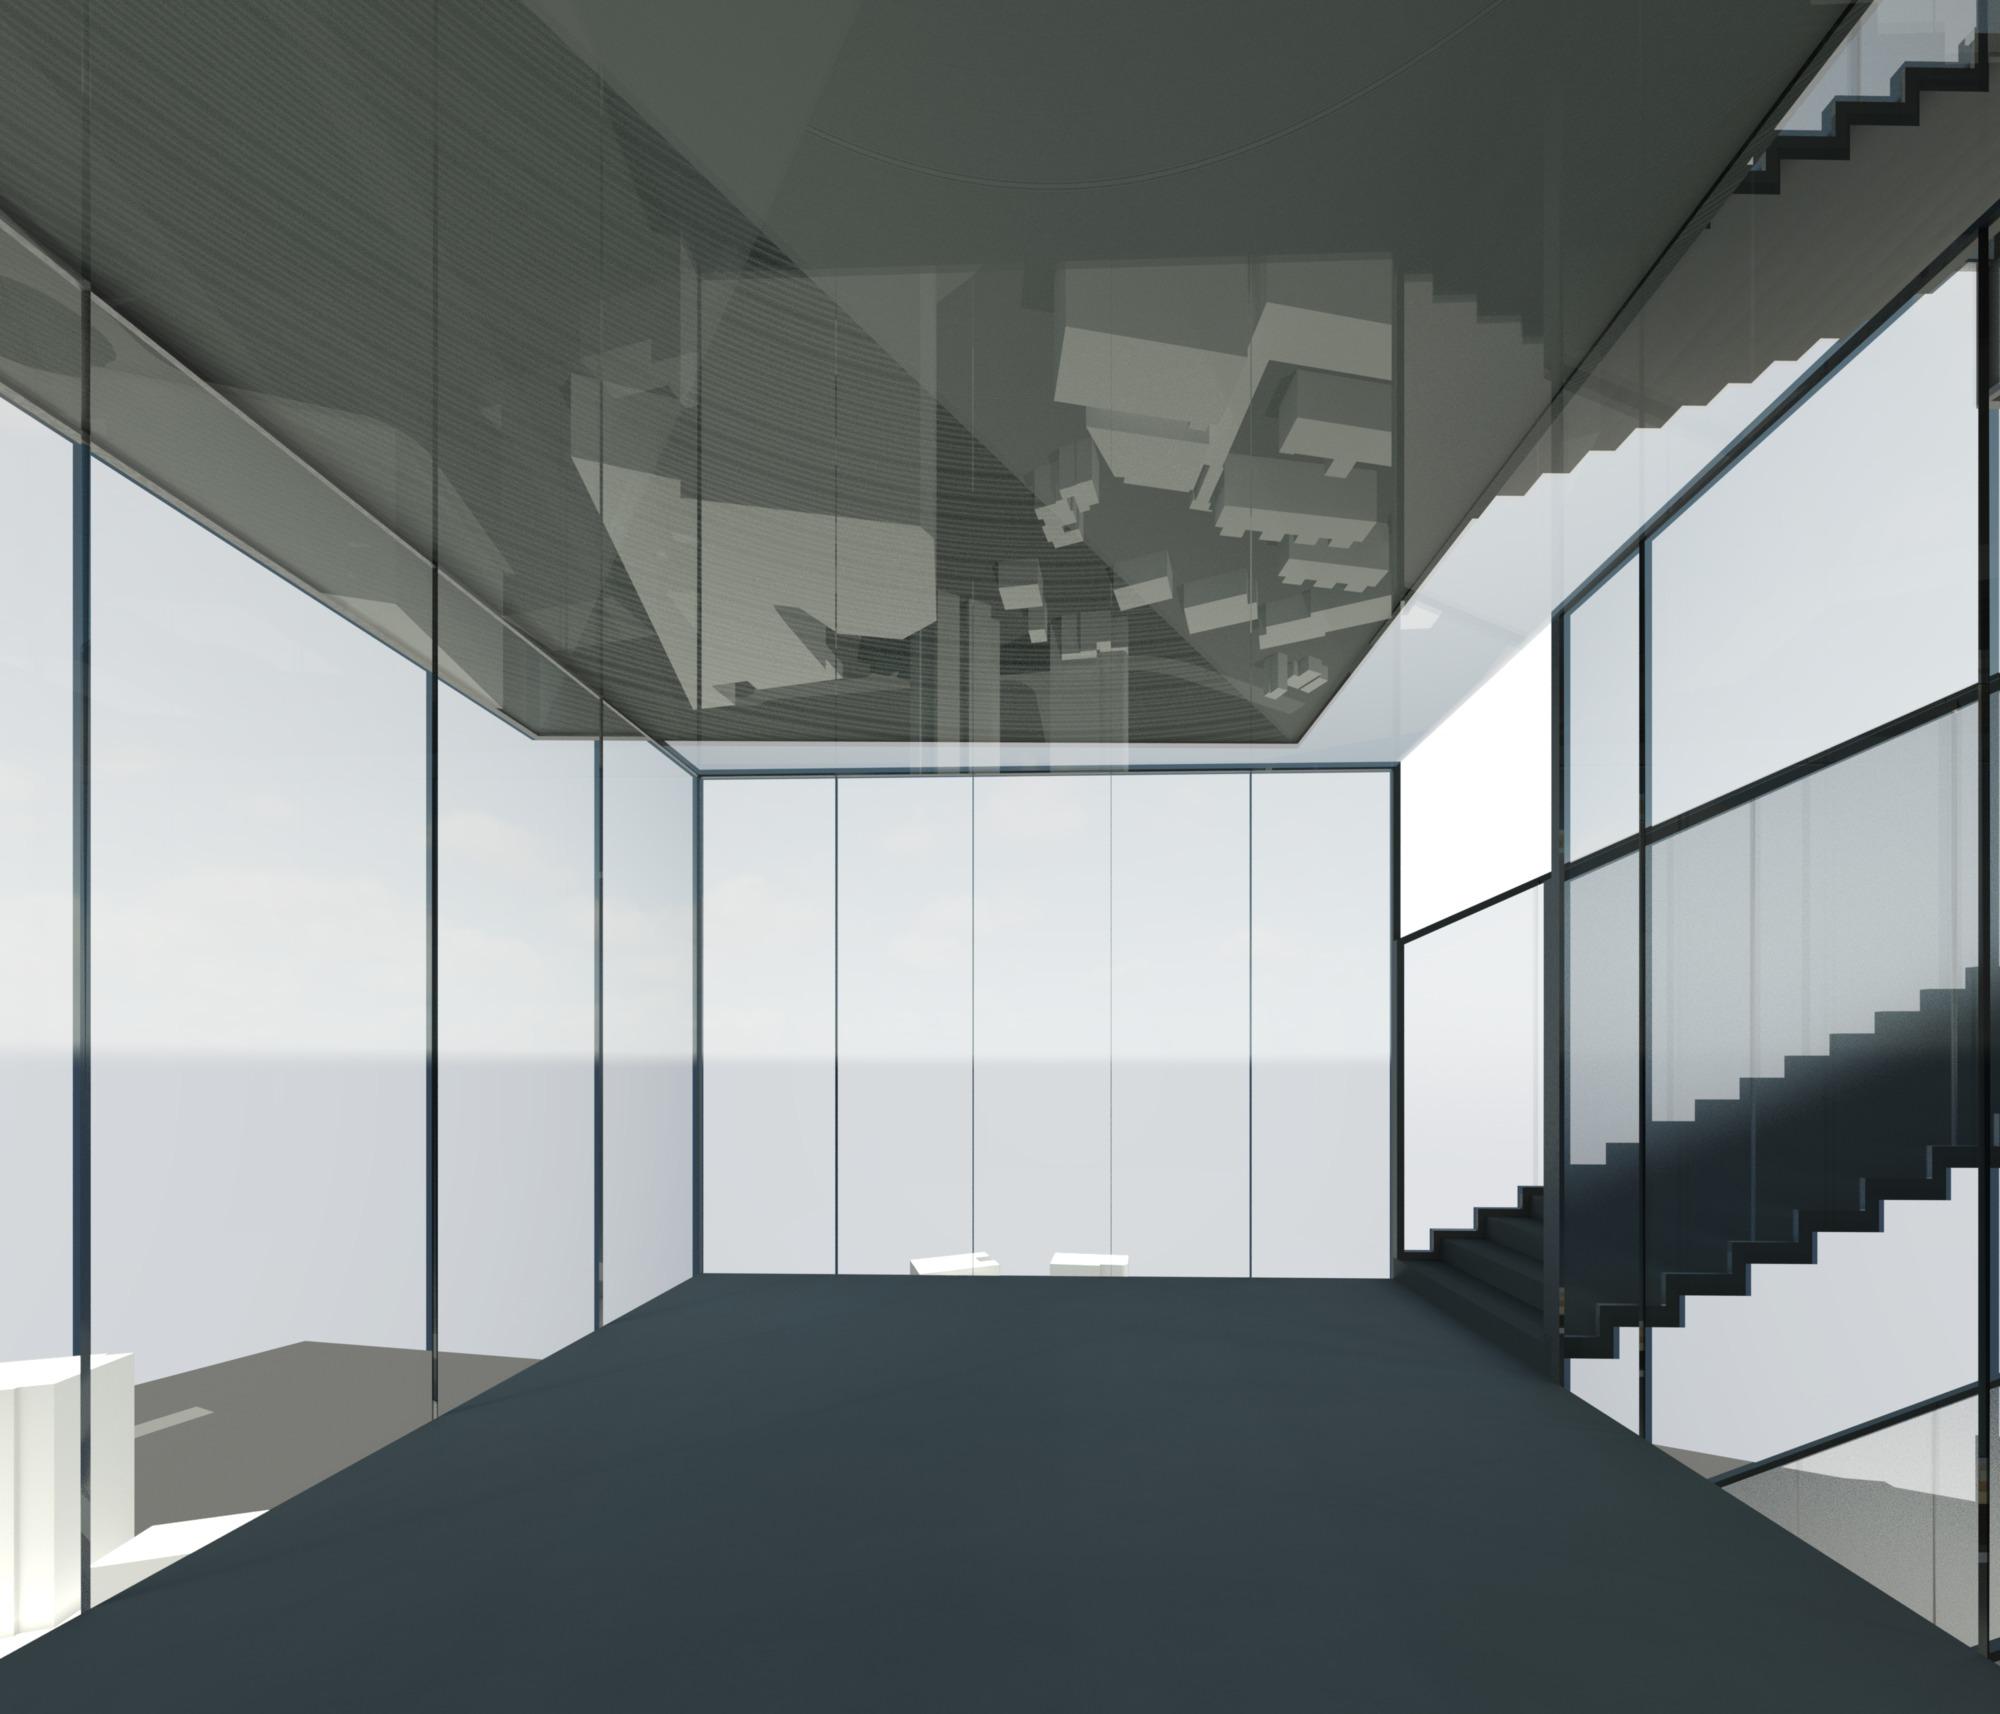 Raas-rendering20150615-2355-1pmmydj